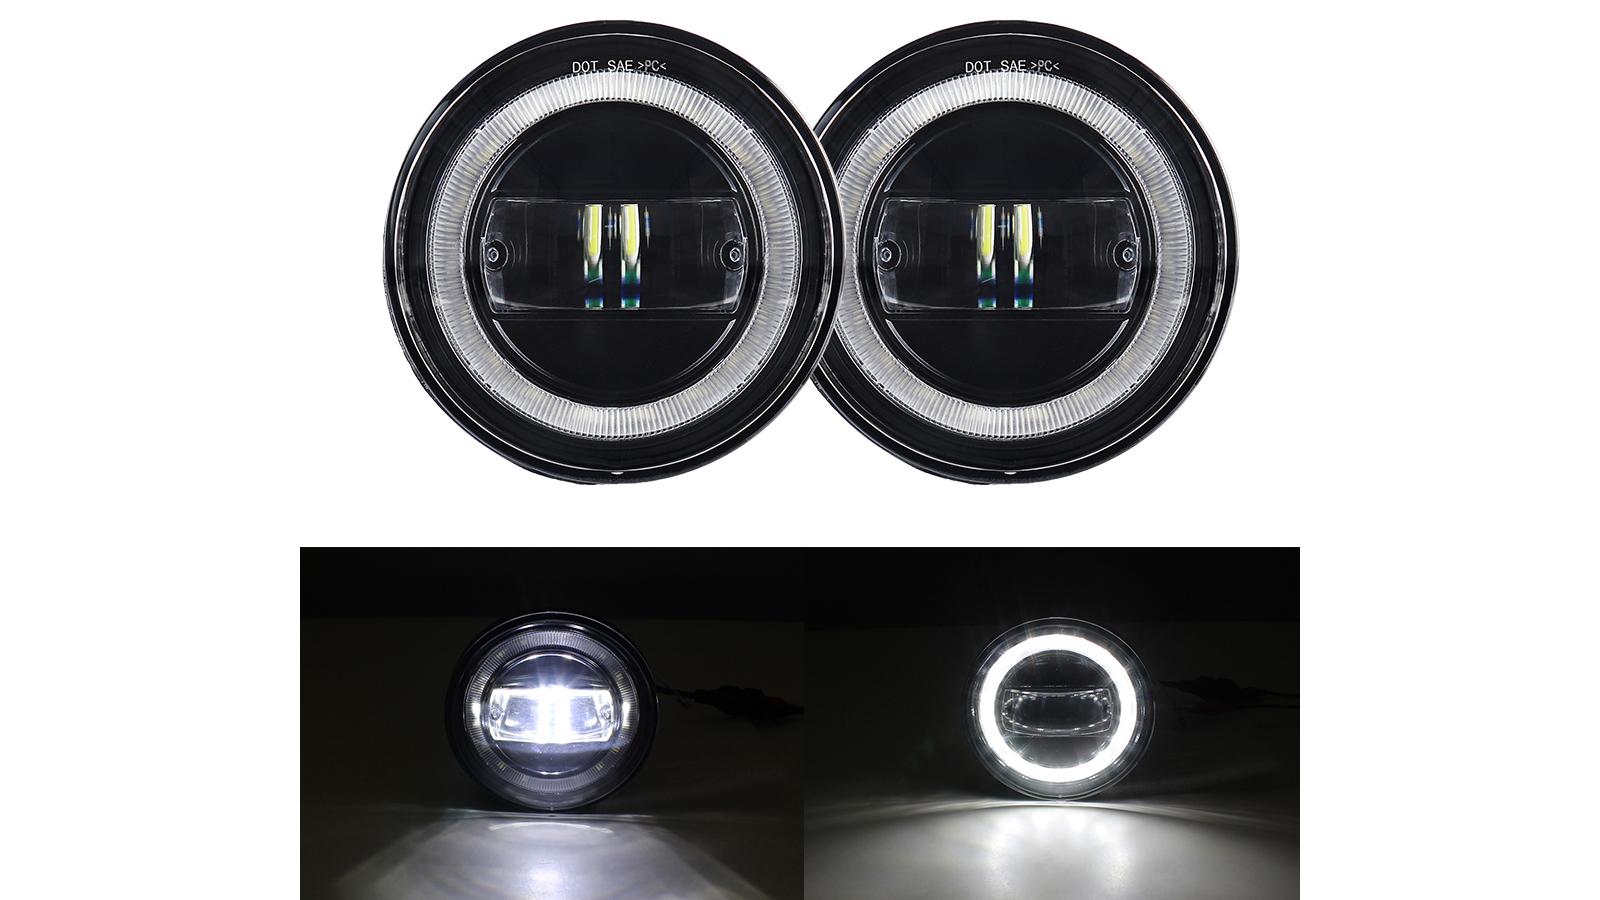 Assemblaggio della fendinebbia a LED con DRL per Tacoma 2005-2011 / Tundra 2007-2012 / Solara 2004-2006 Paraurti Driving fendinebbia